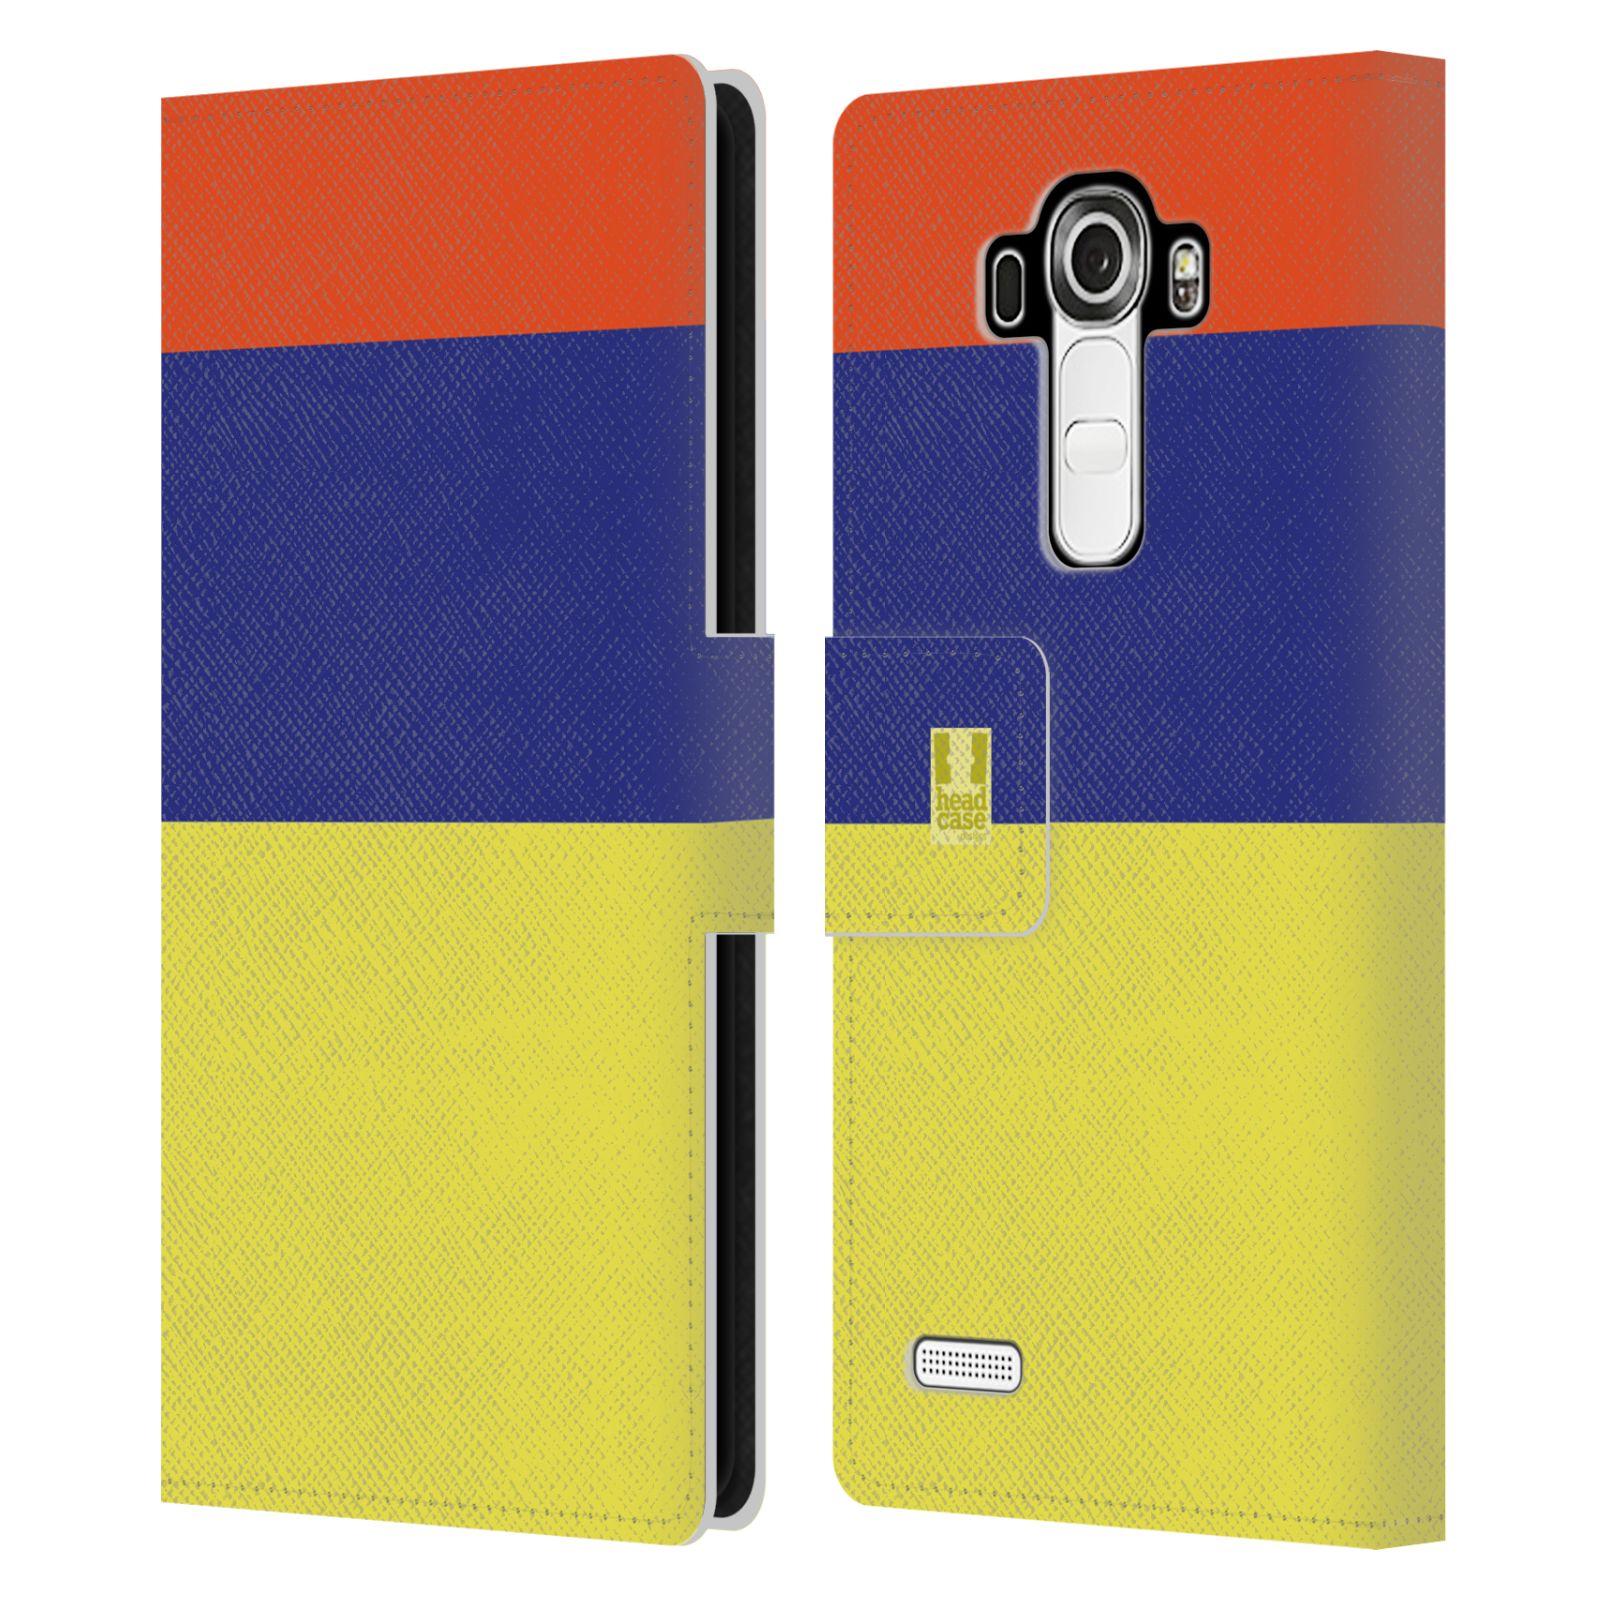 HEAD CASE Flipové pouzdro pro mobil LG G4 barevné tvary žlutá, modrá, červená